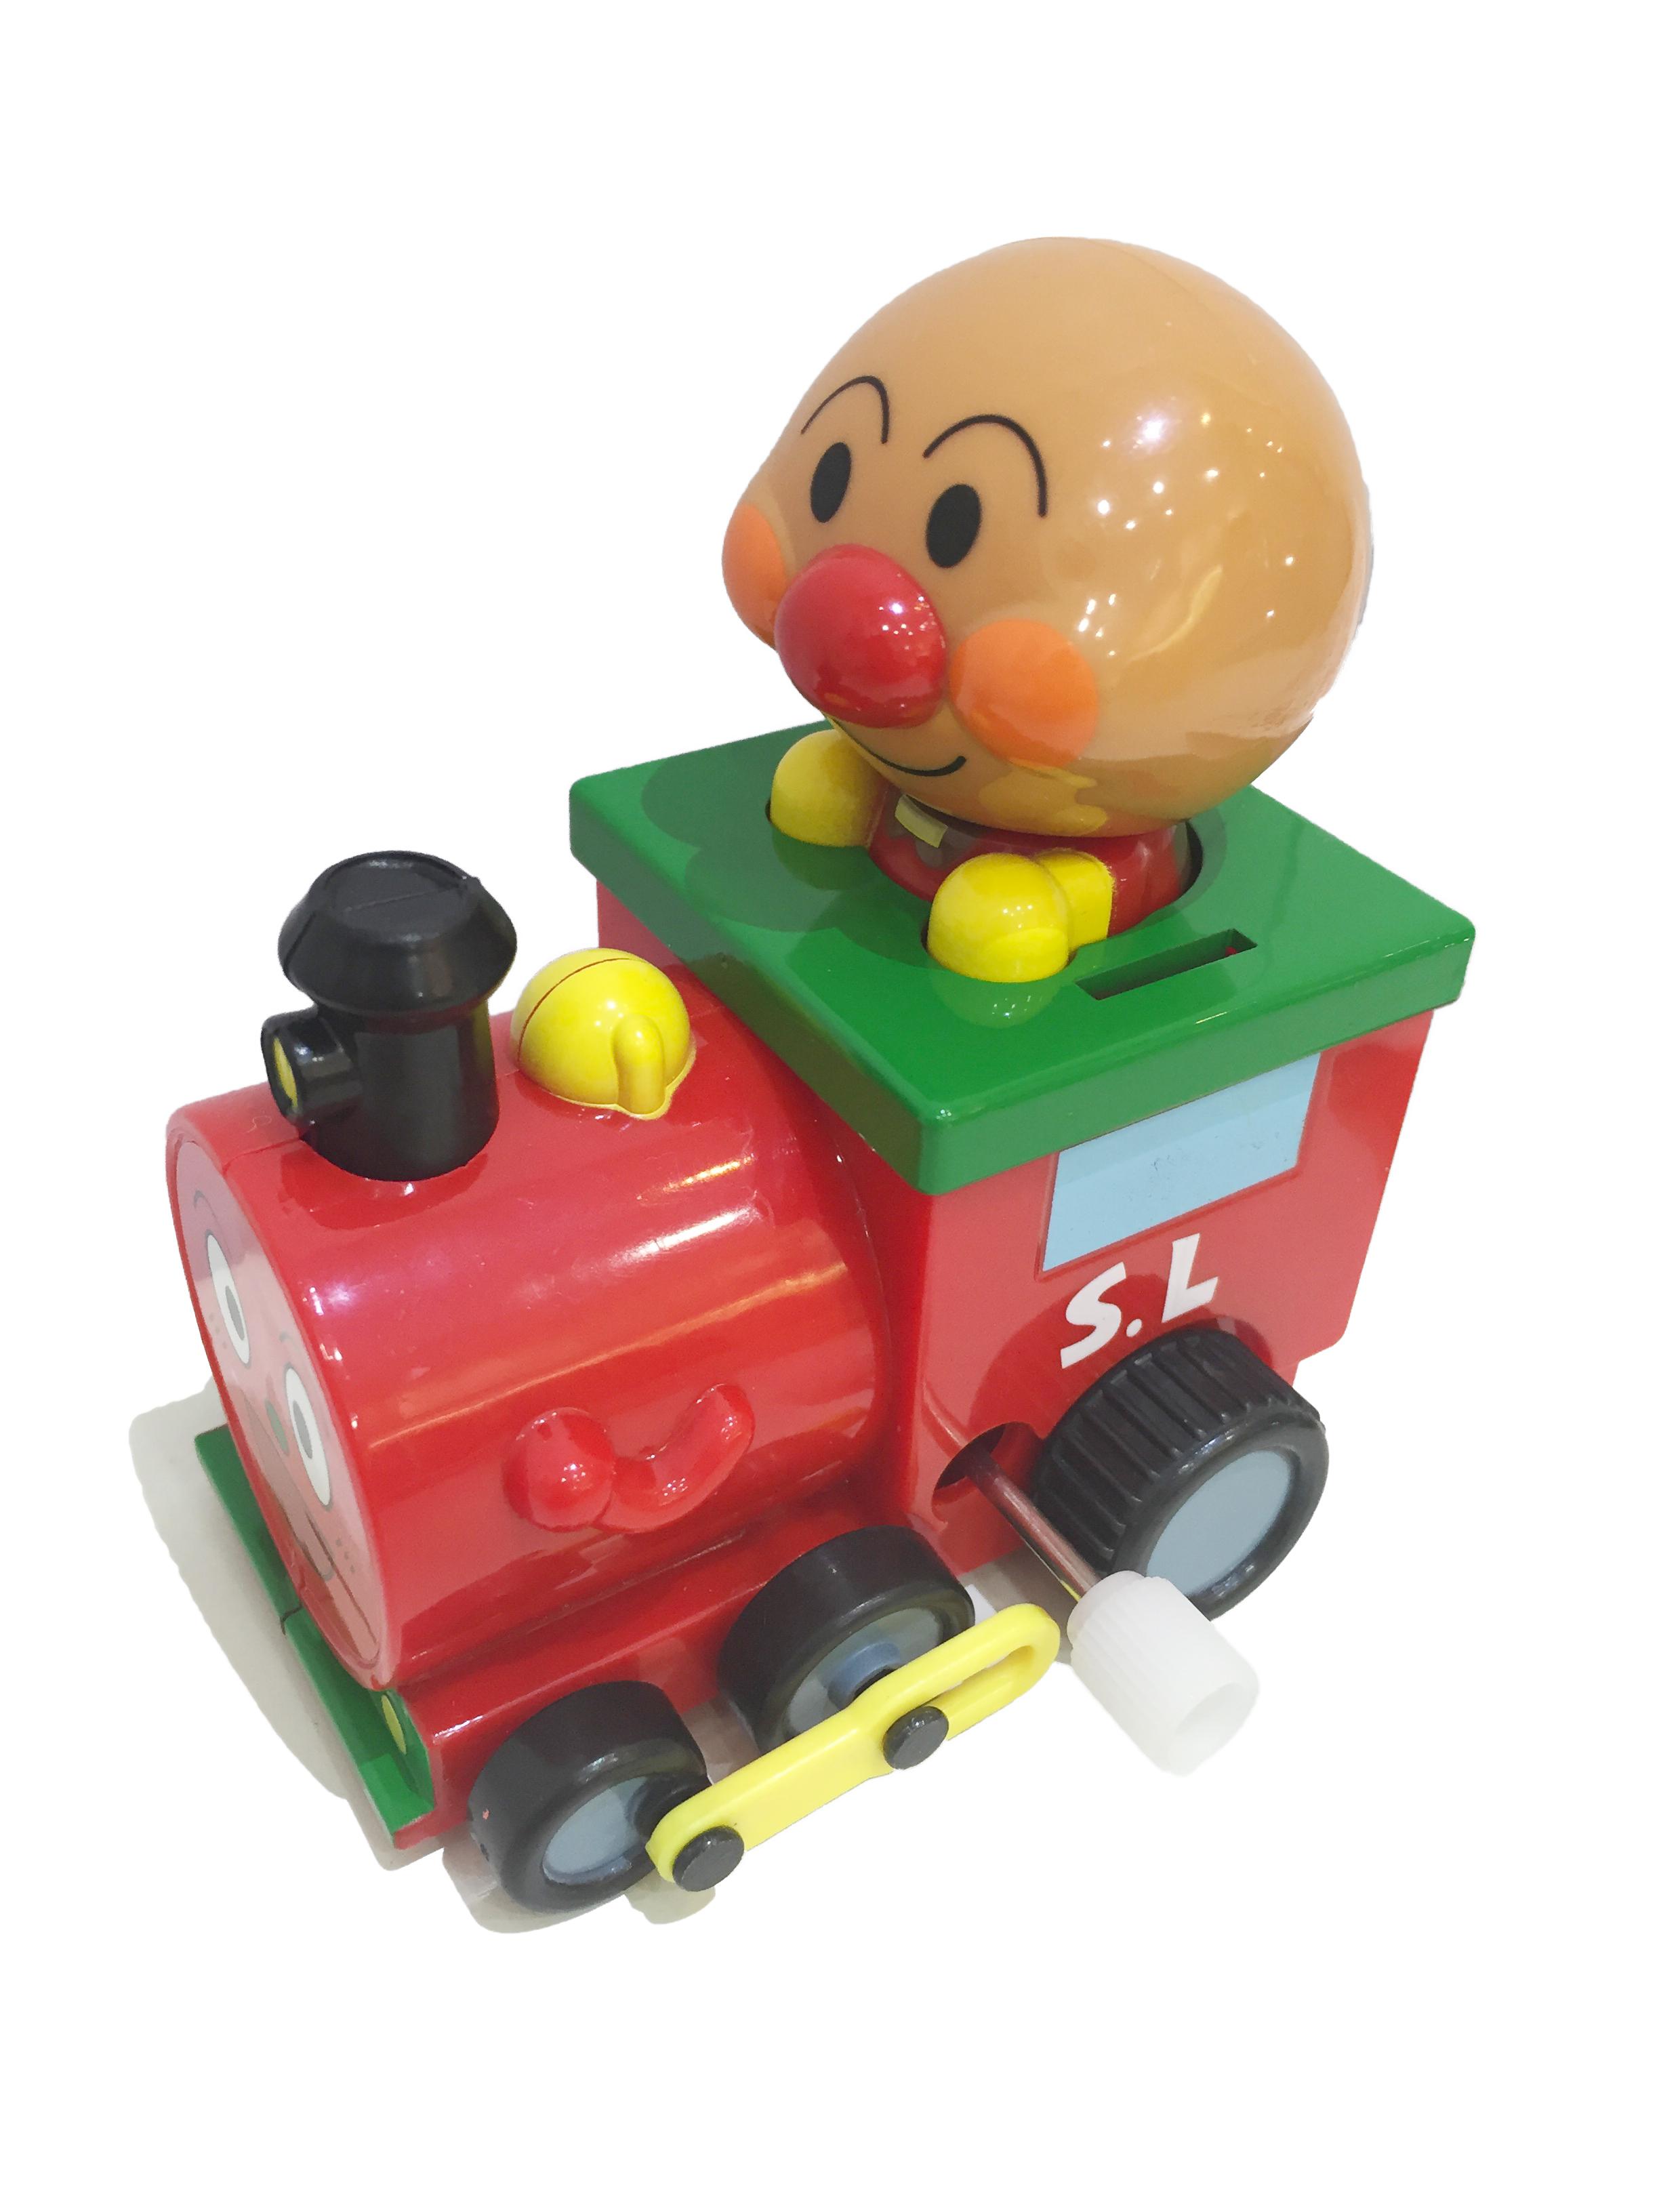 麵包超人 Anpanman 小汽車 發條車 火車 玩具 正版日本進口 * JustGirl *